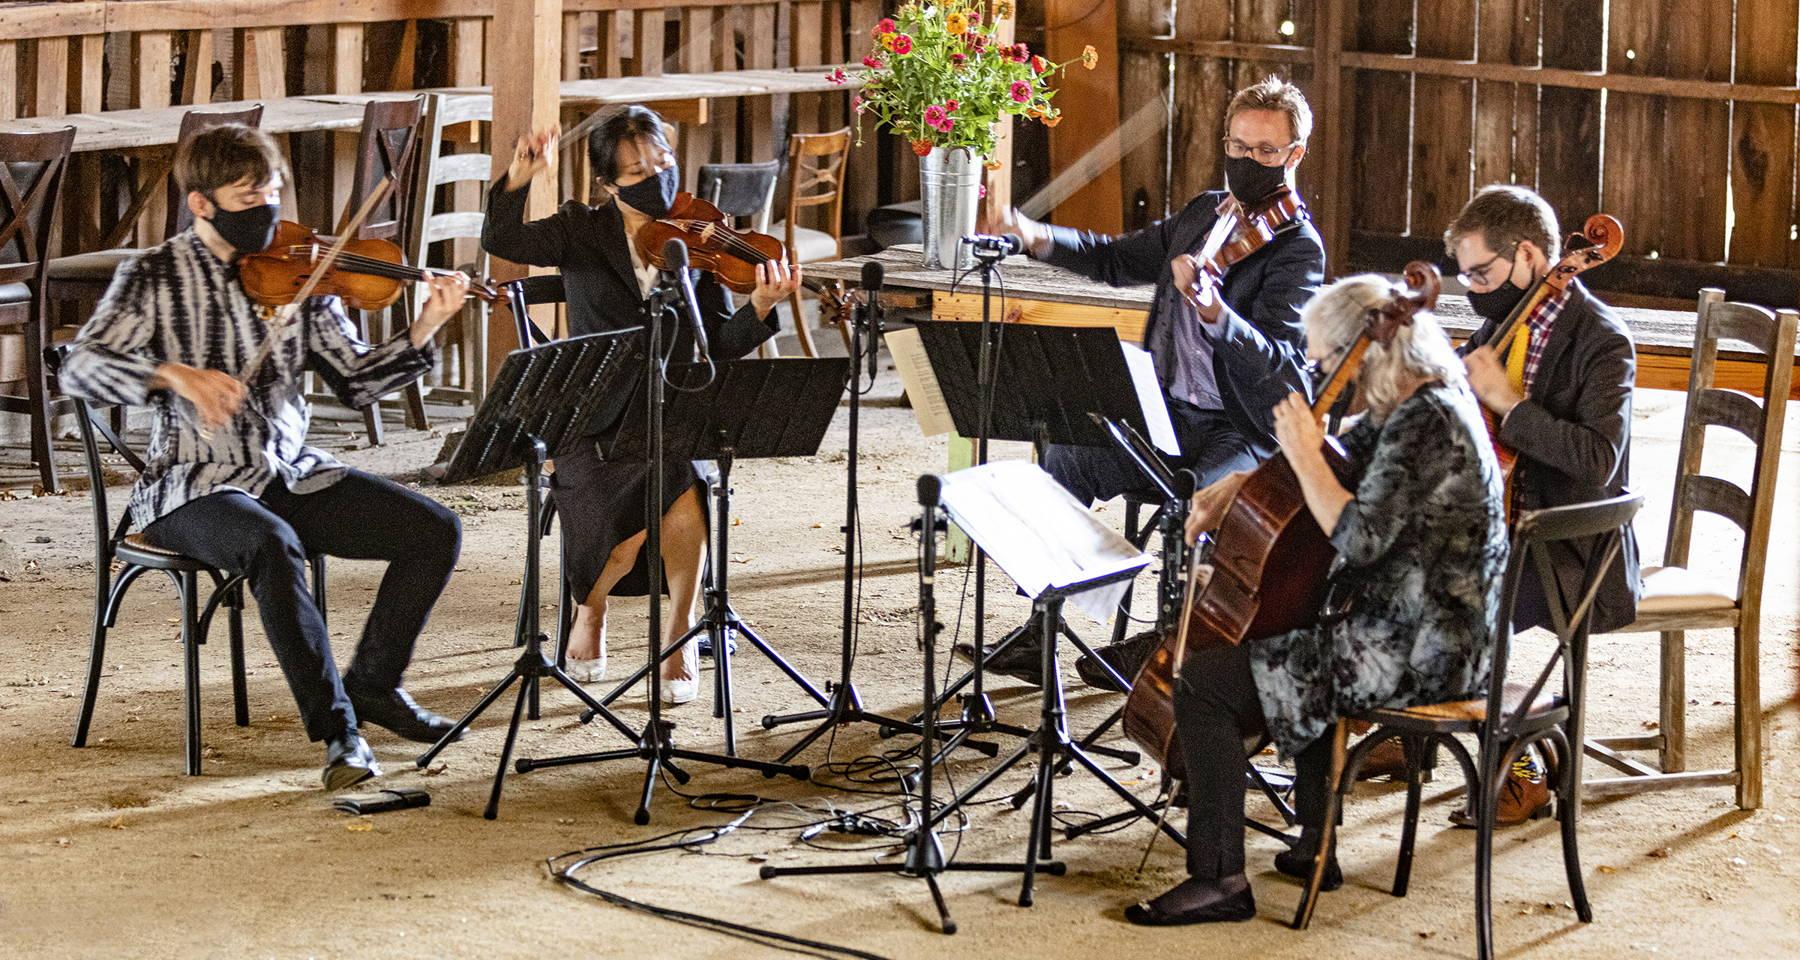 Musaics of the Bay Presents: Schubert Cello Quintet in C Major, D. 956